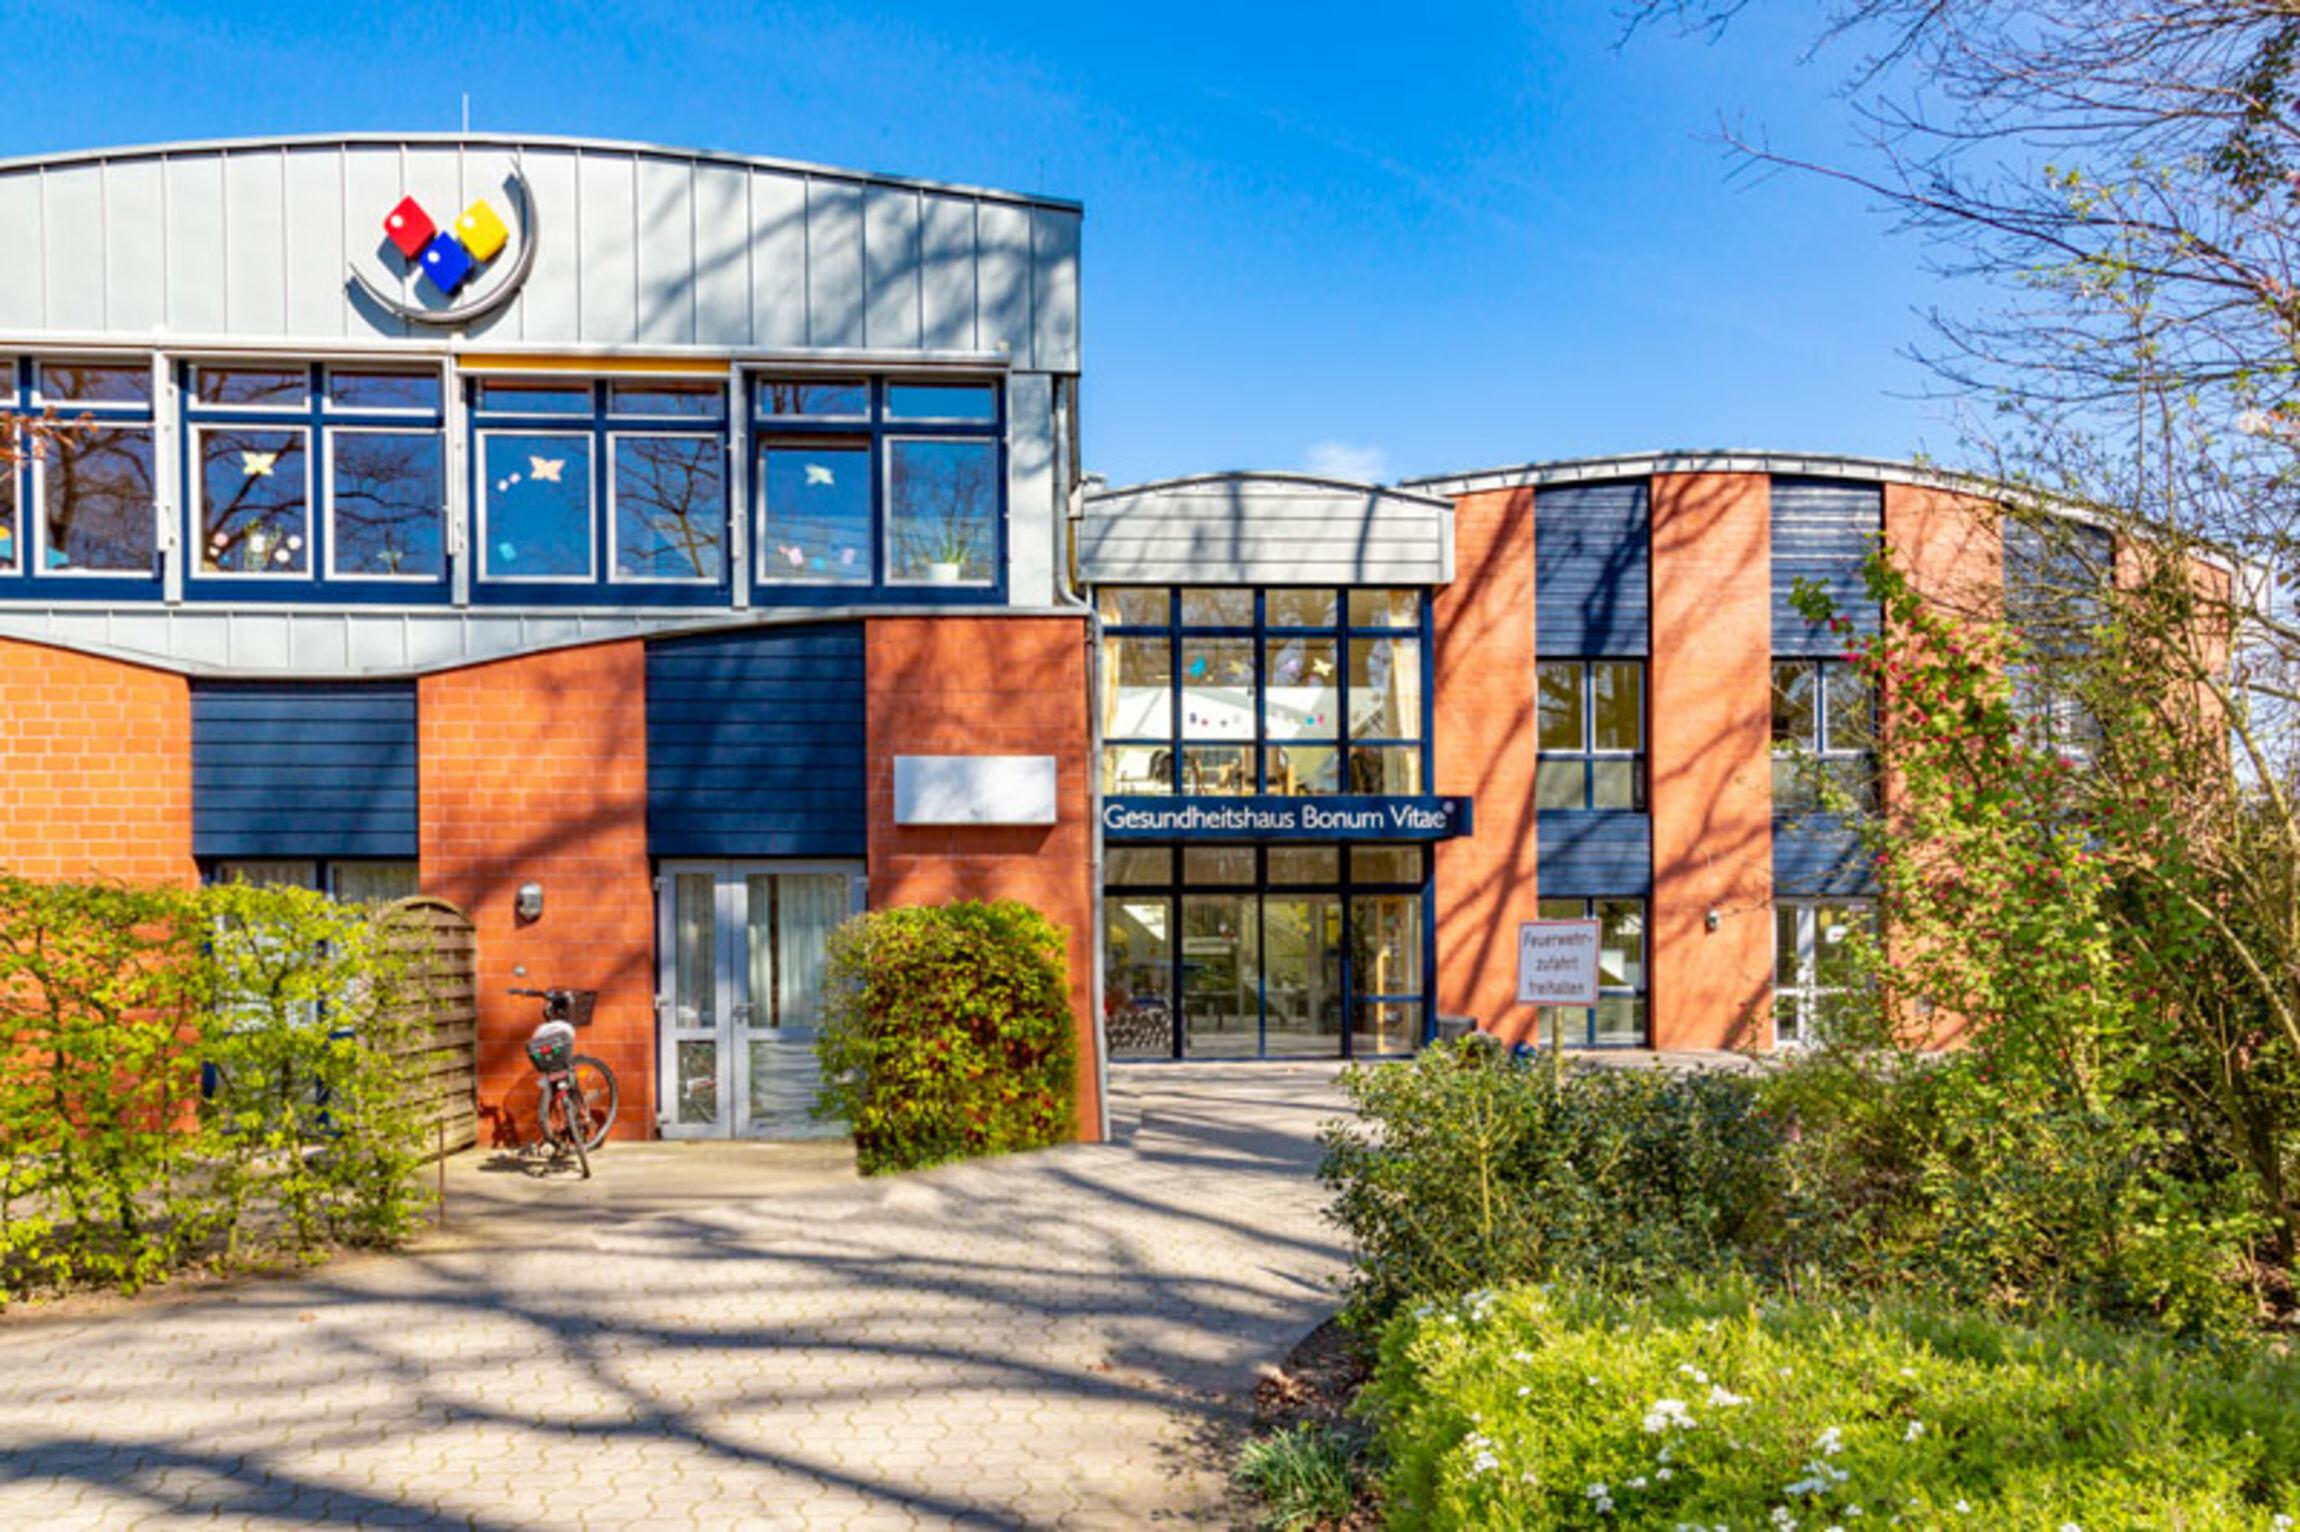 Gesundheitshaus Bonum Vitae